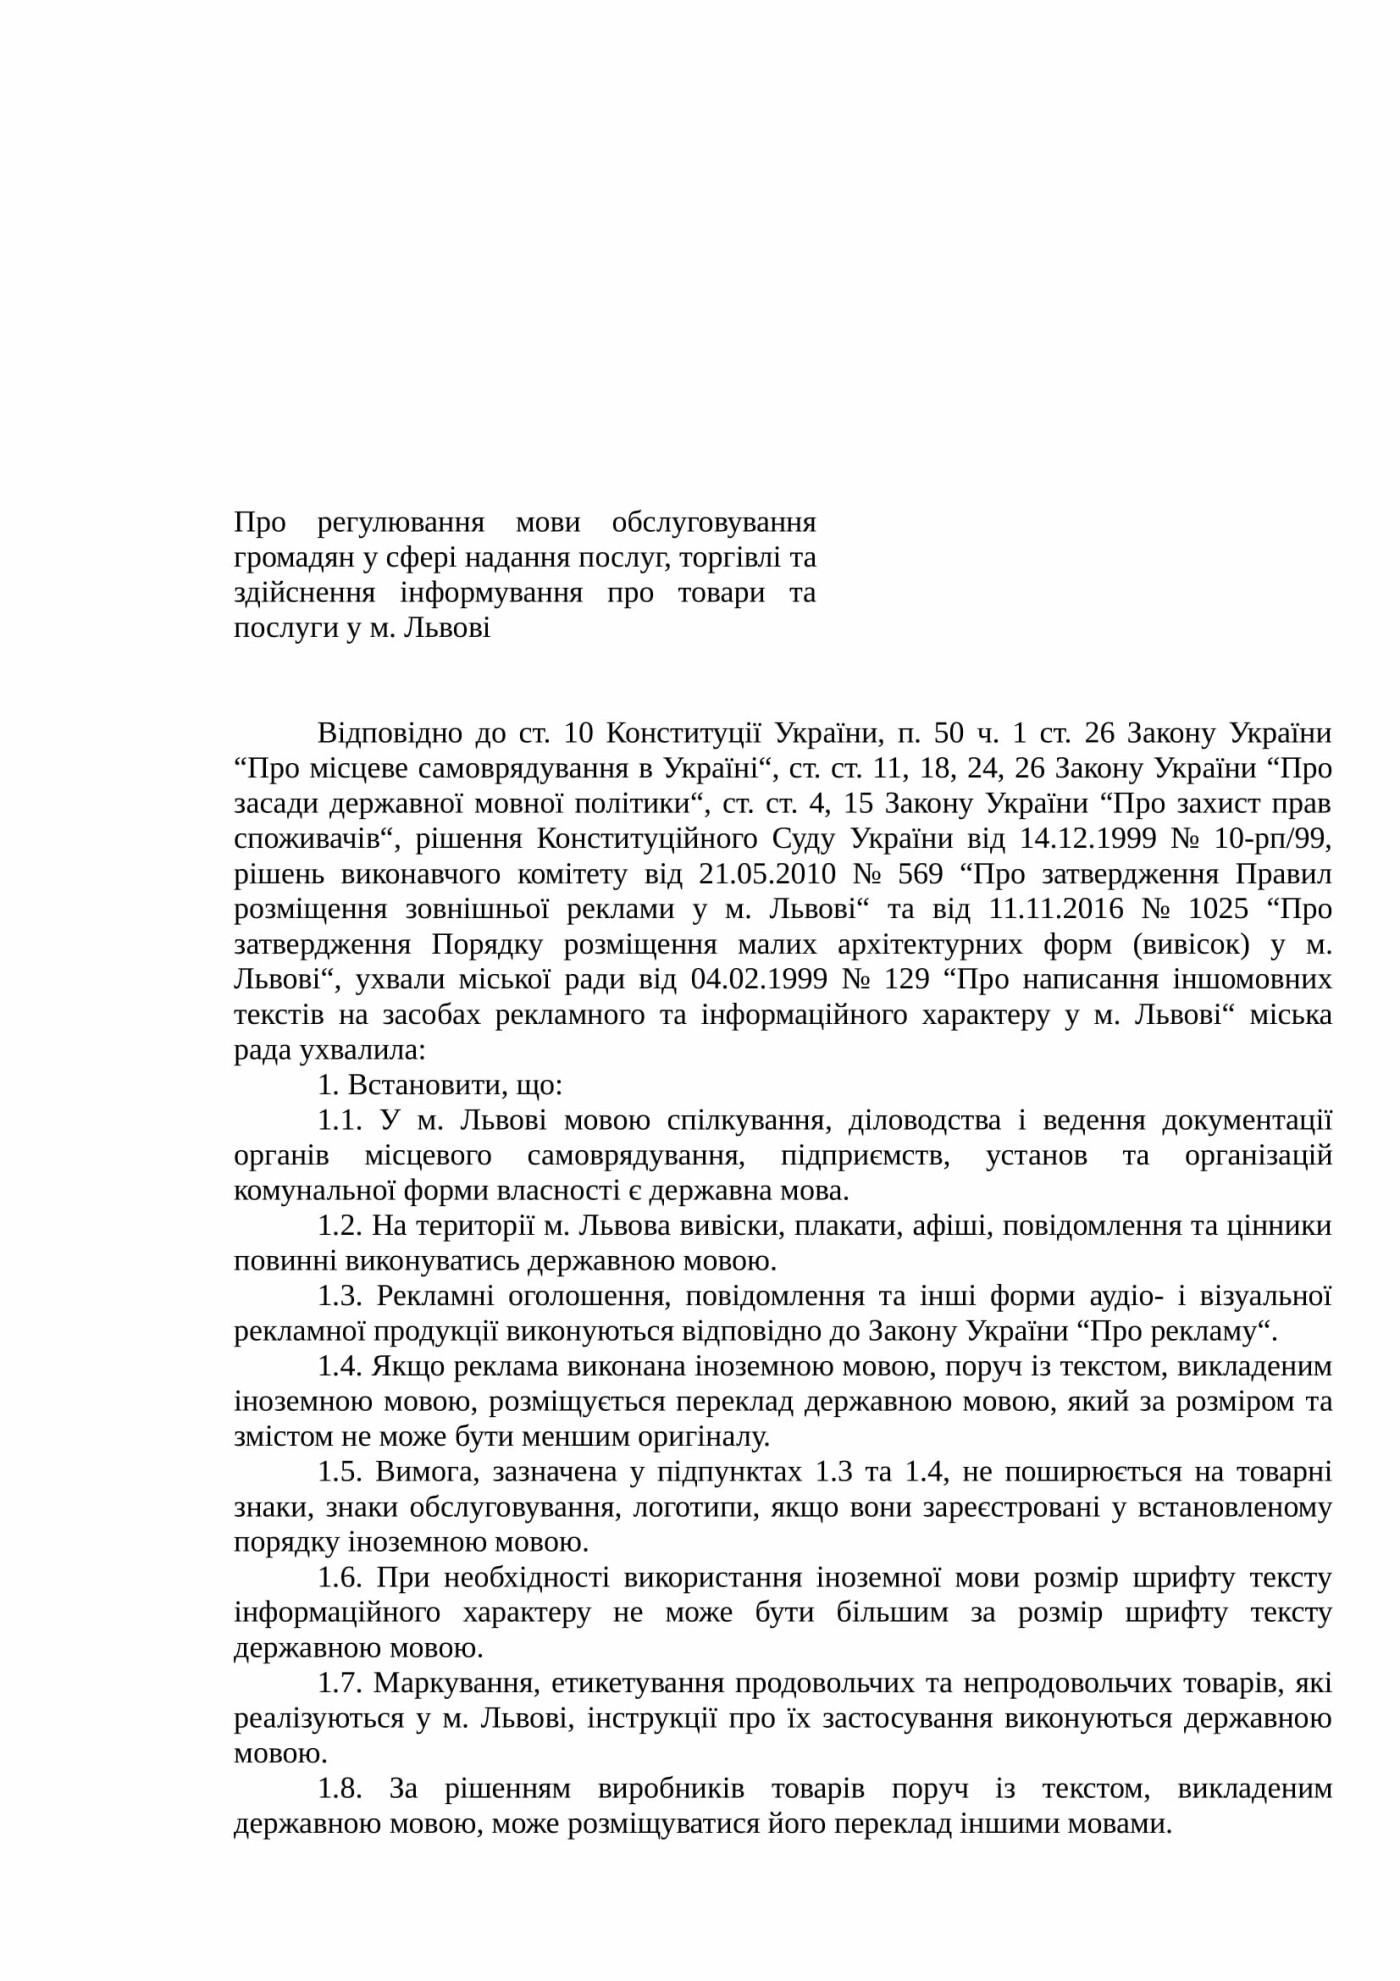 У ЛМР зобов'язали обслуговувати клієнтів закладів харчування і торгівлі українською мовою, фото-1